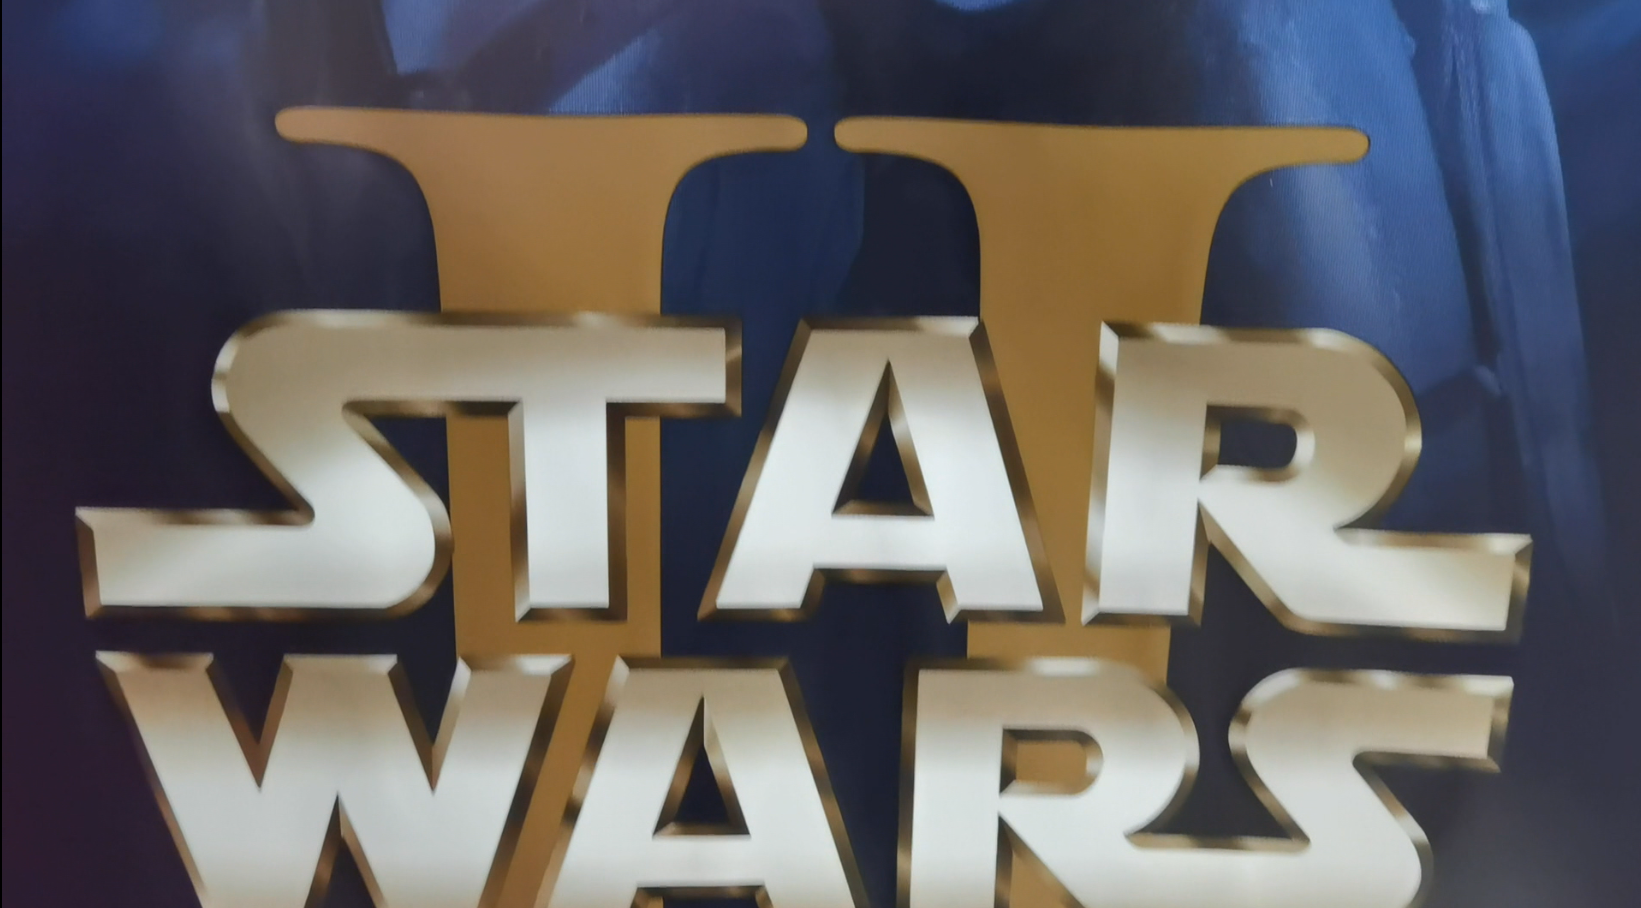 Día Stars Wars, una saga de ciencia ficción que cambió la historia del cine